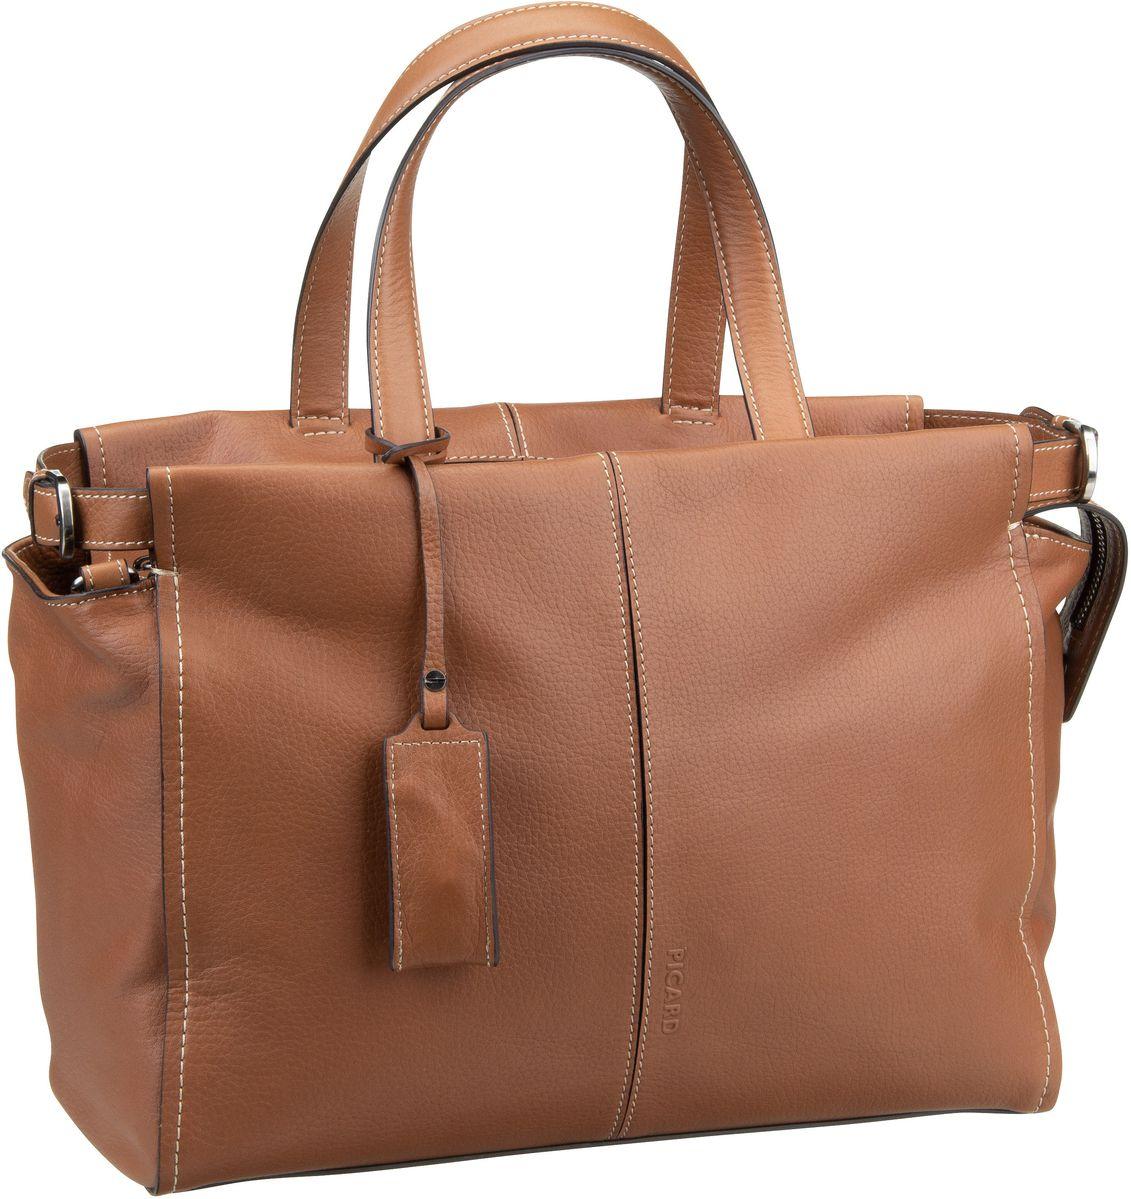 Picard Handtasche Enjoy 9362 Cognac